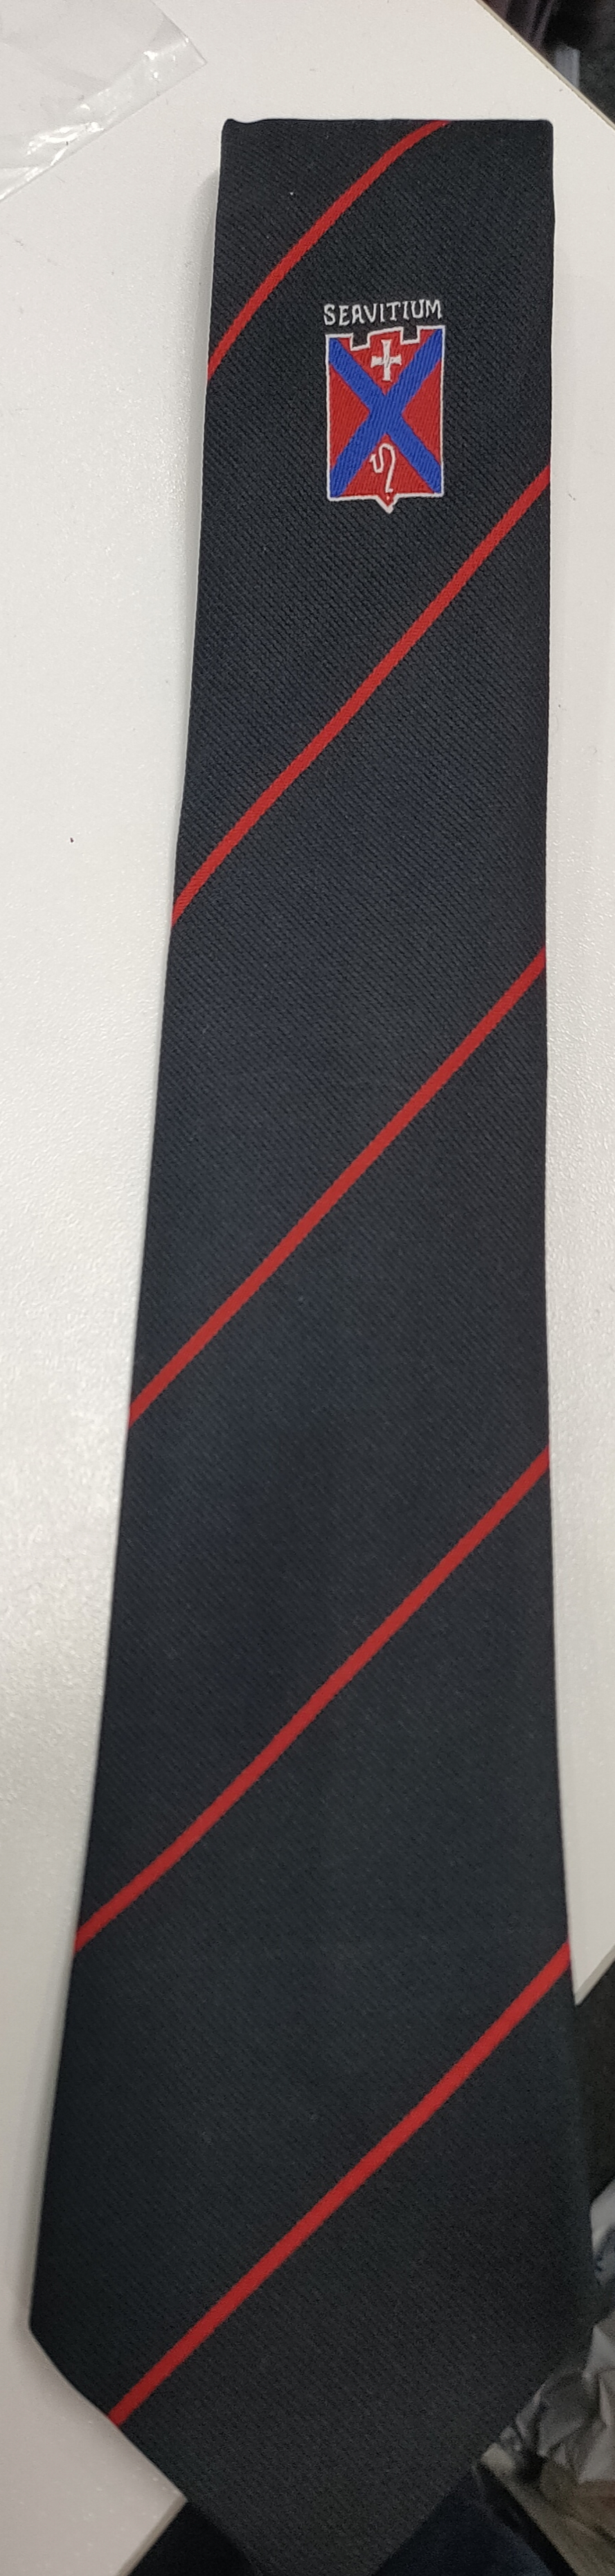 Mearns Castle High School S6 Tie